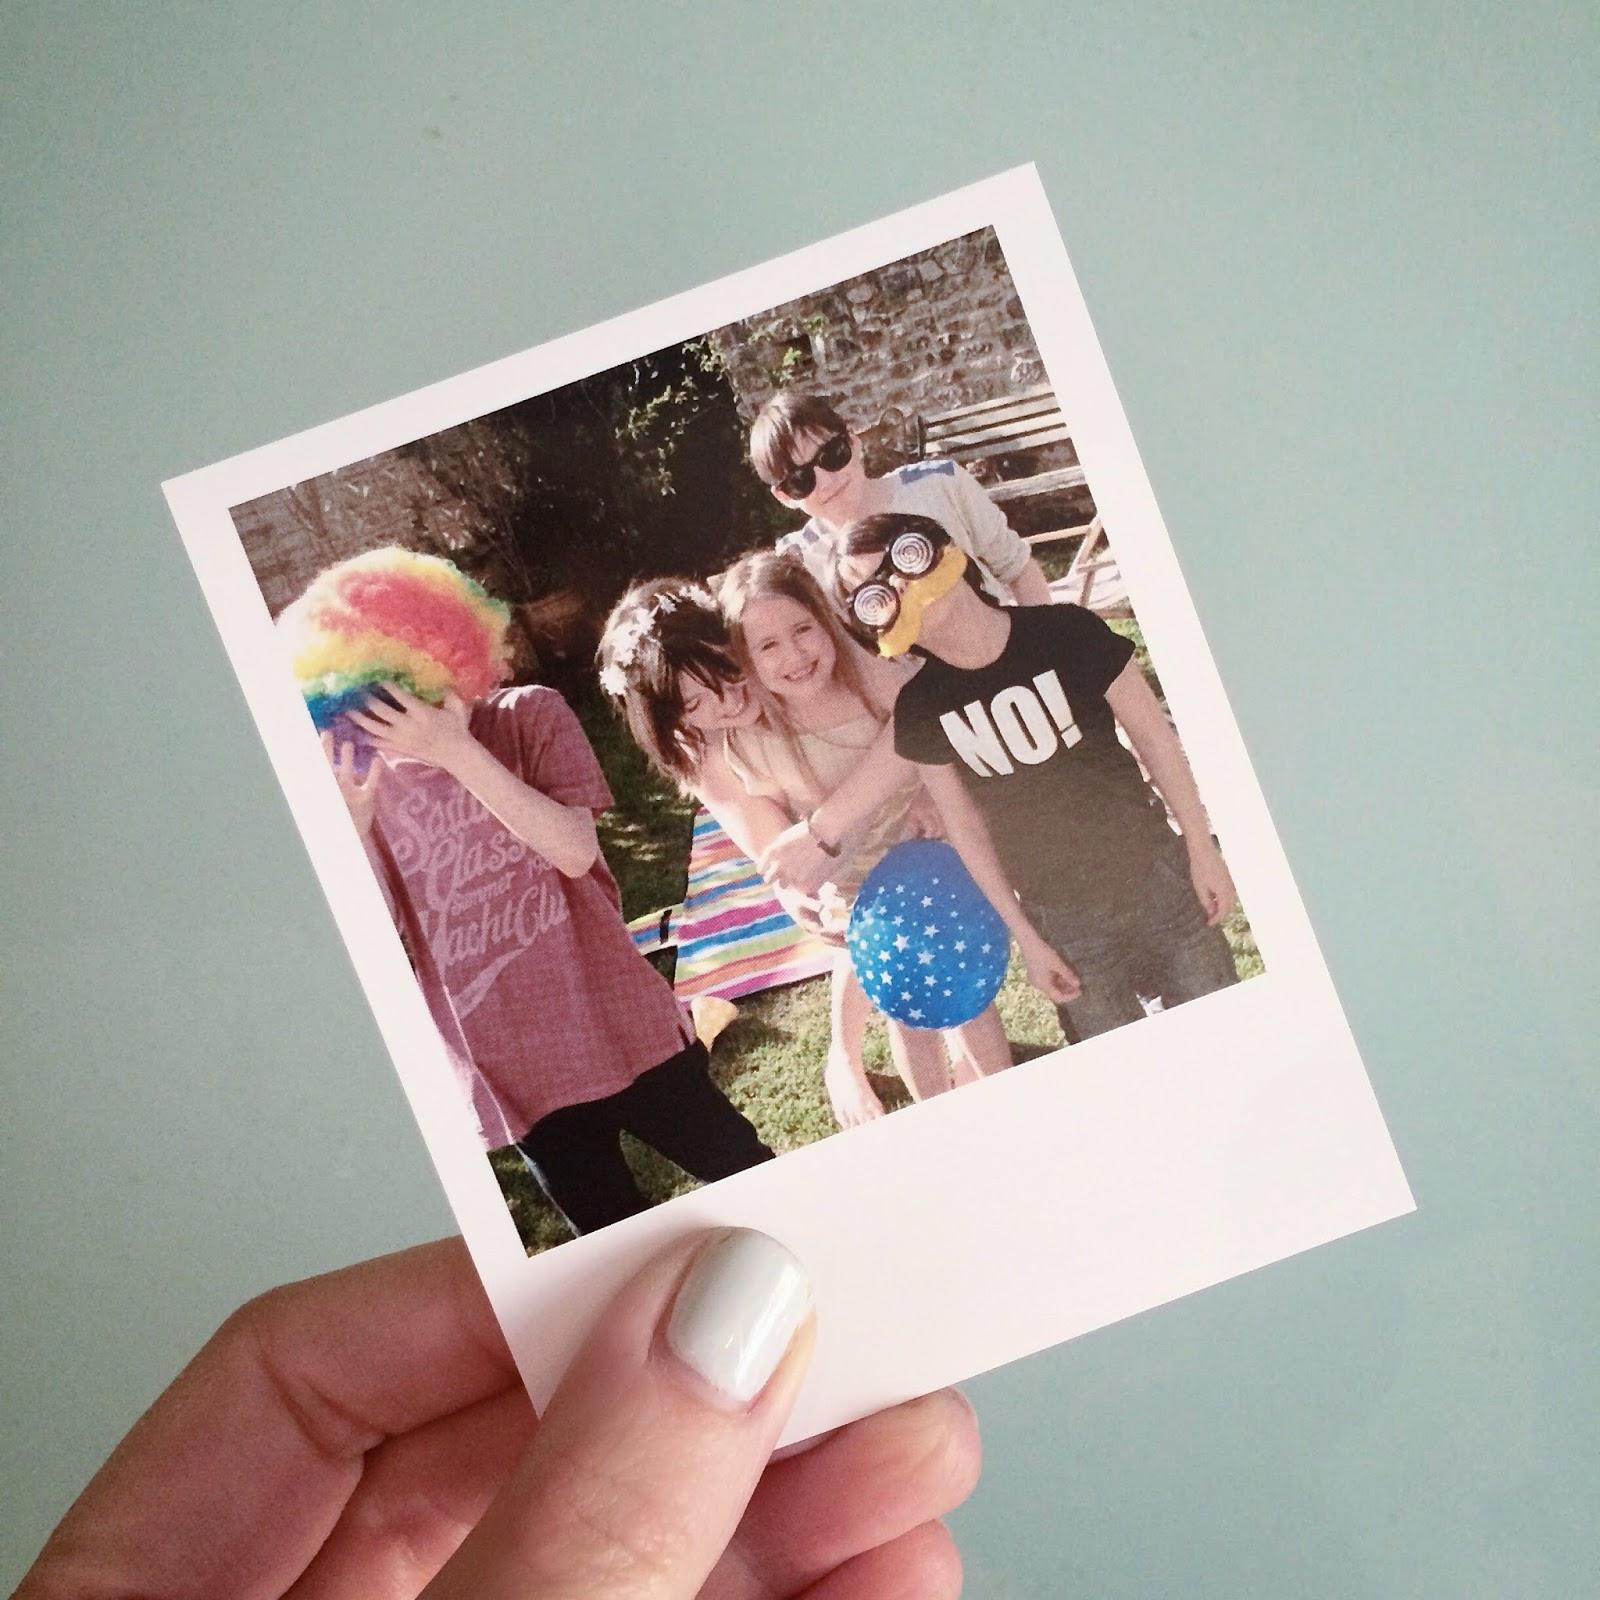 Family photo polaroid